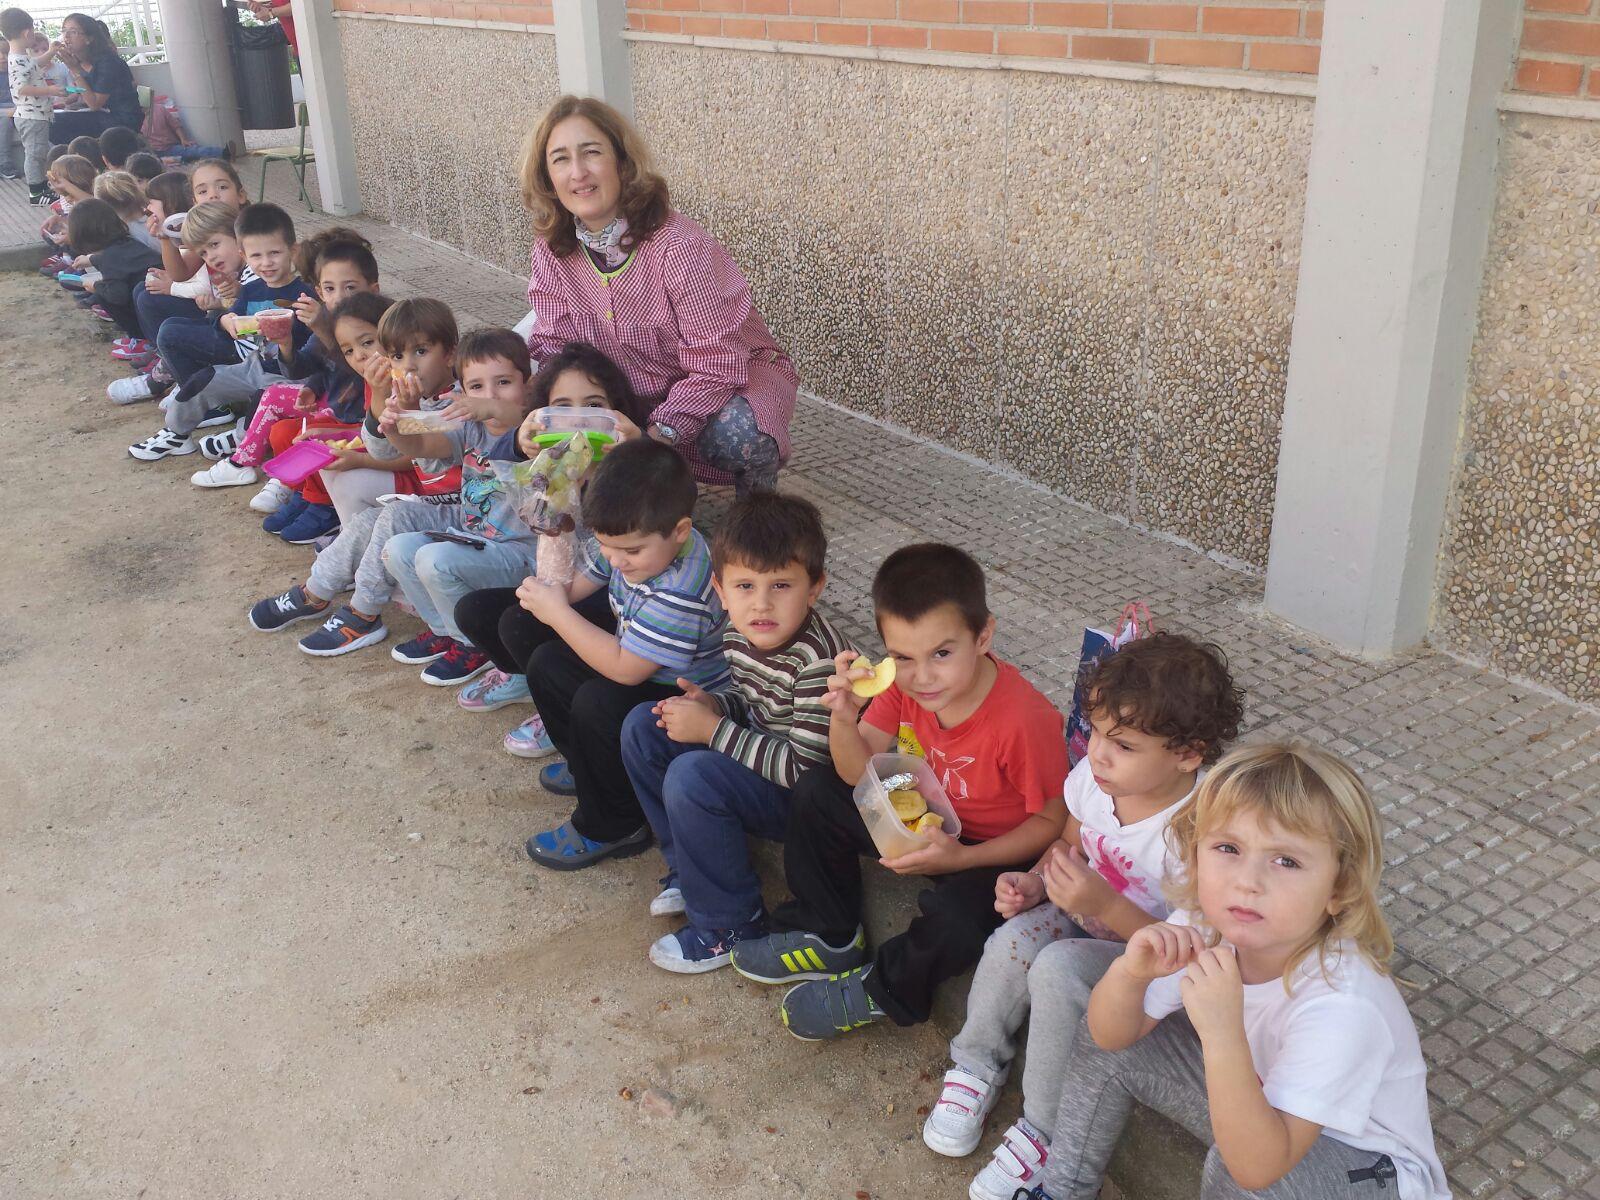 Fotos d 39 activitats del ceip mart nez bellver de x tiva for Pisos xativa 9 d octubre xativa